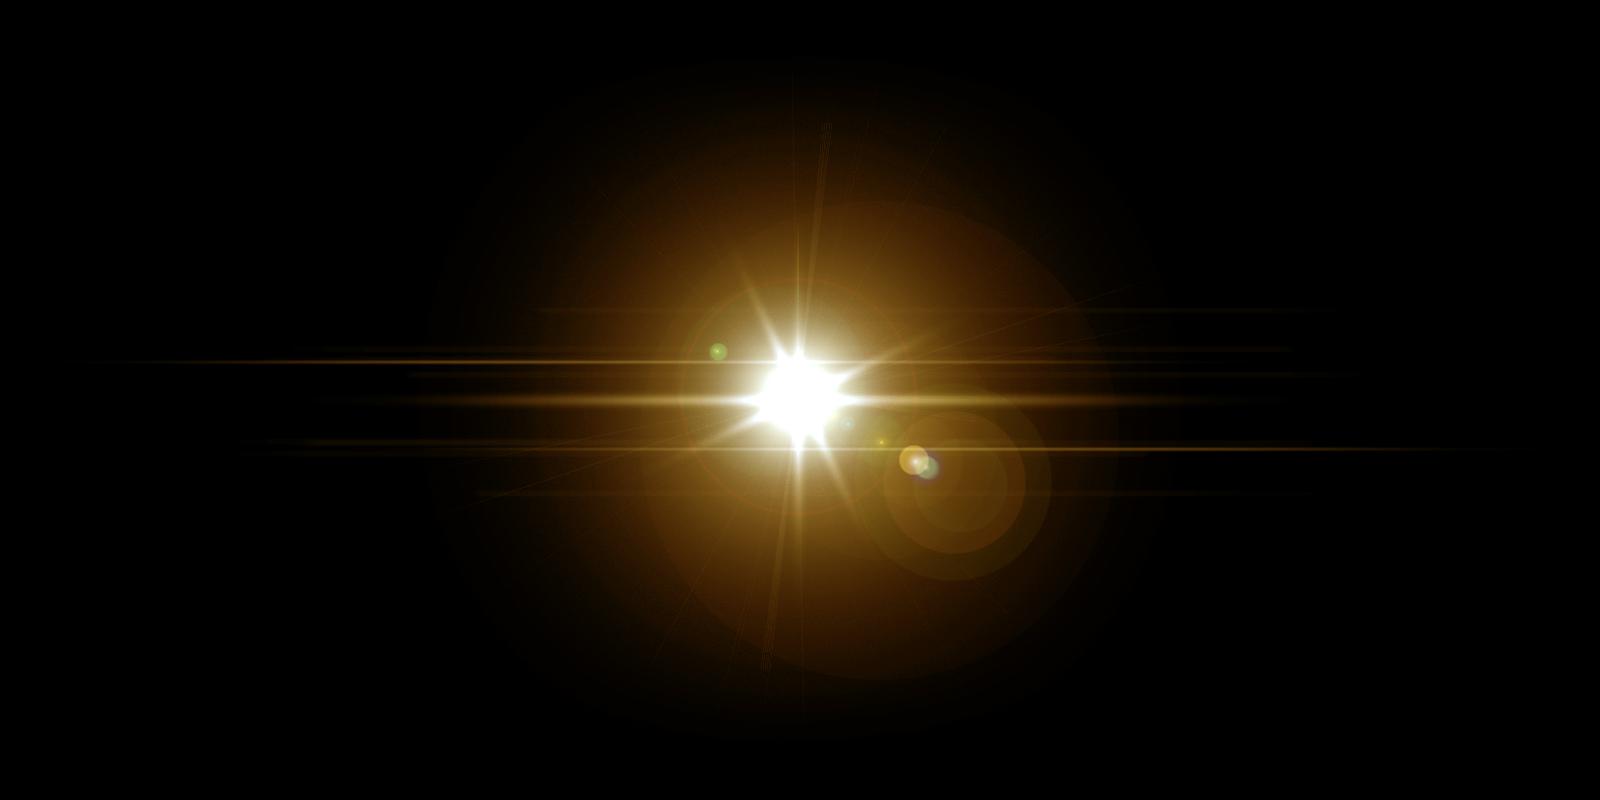 Lens Flare Texture : オレンジの作り方 : すべての講義